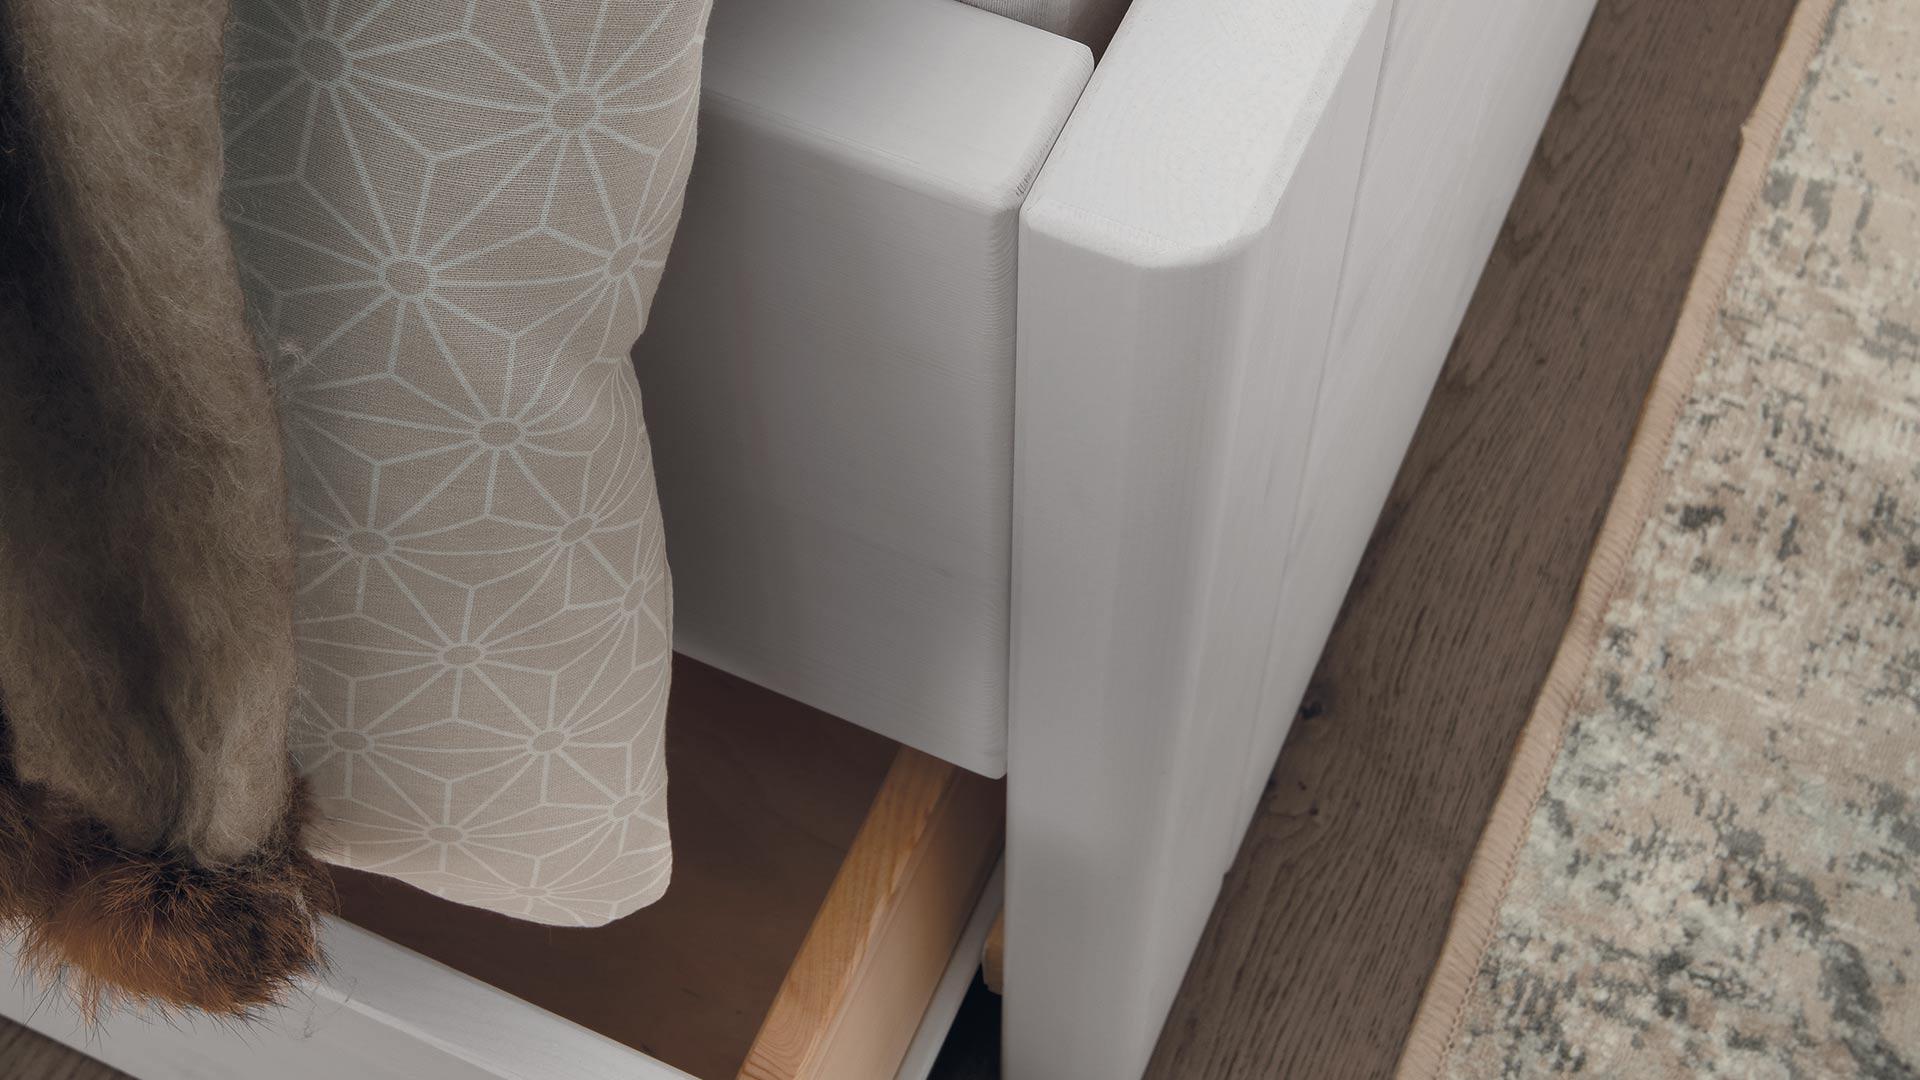 bettdecken 2x2m schlafzimmer ideen 15 qm m belkraft kleiderschr nke schiebet ren f r begehbare. Black Bedroom Furniture Sets. Home Design Ideas